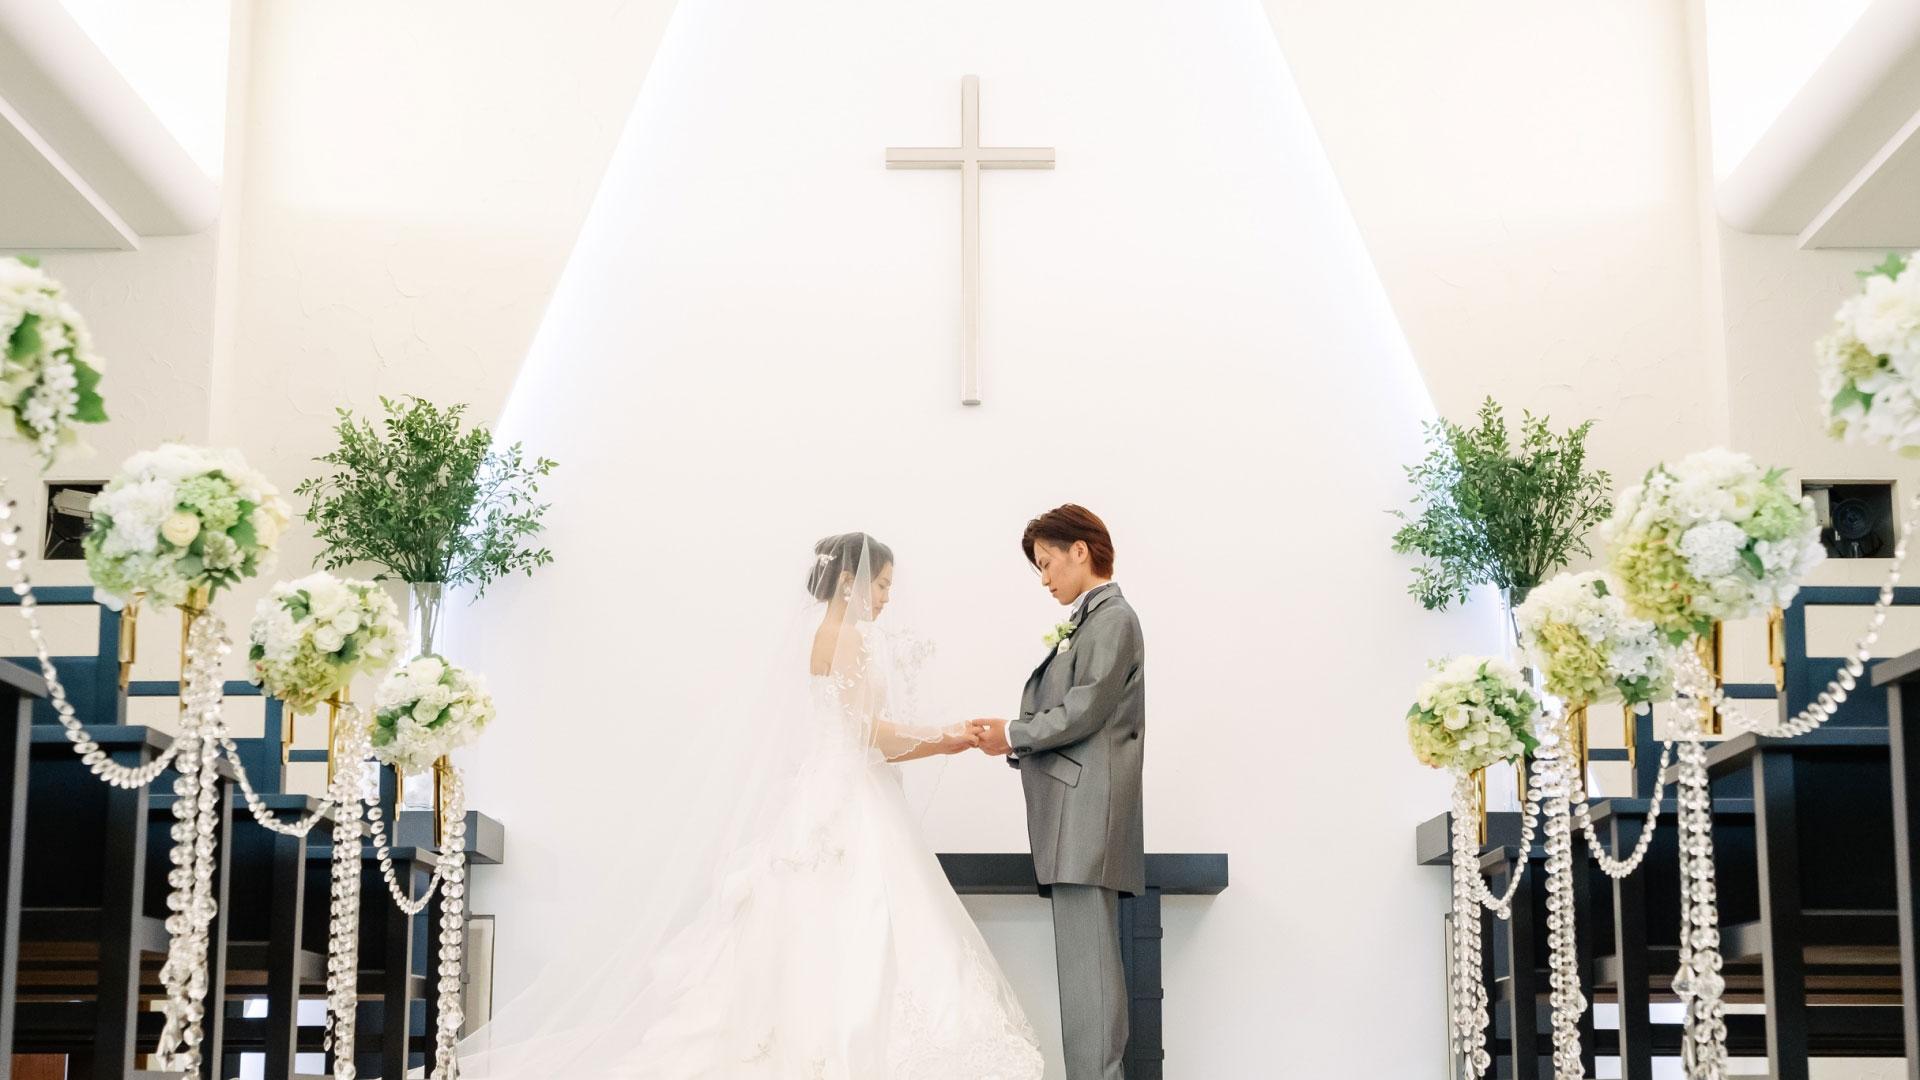 挙式・披露宴・パーティシーン撮影